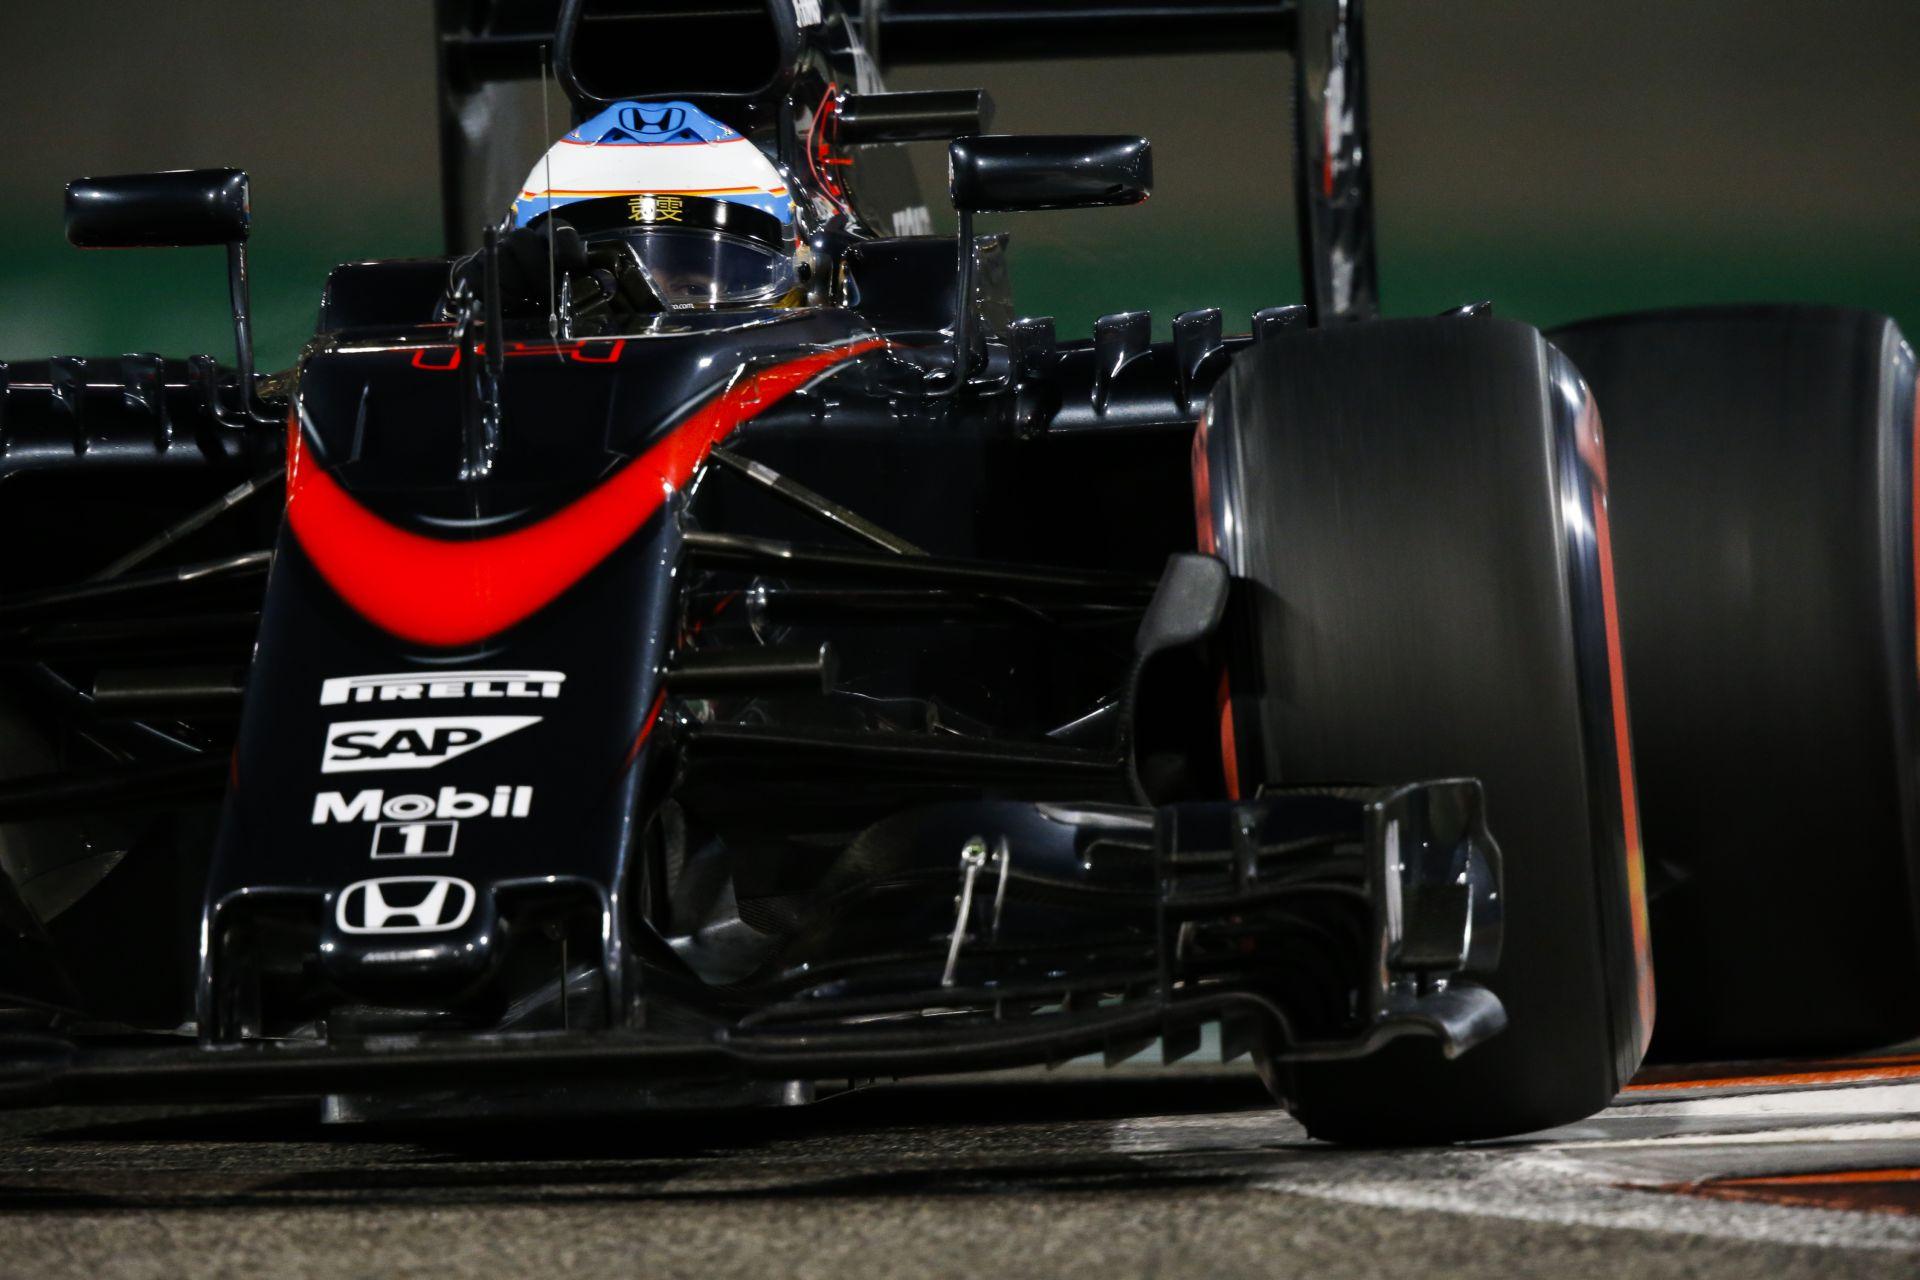 ÉLŐ F1-ES MŰSOR: Itt az új halo, Alonso talán már soha nem lesz bajnok, alázni fog a Mercedes? (19:00)